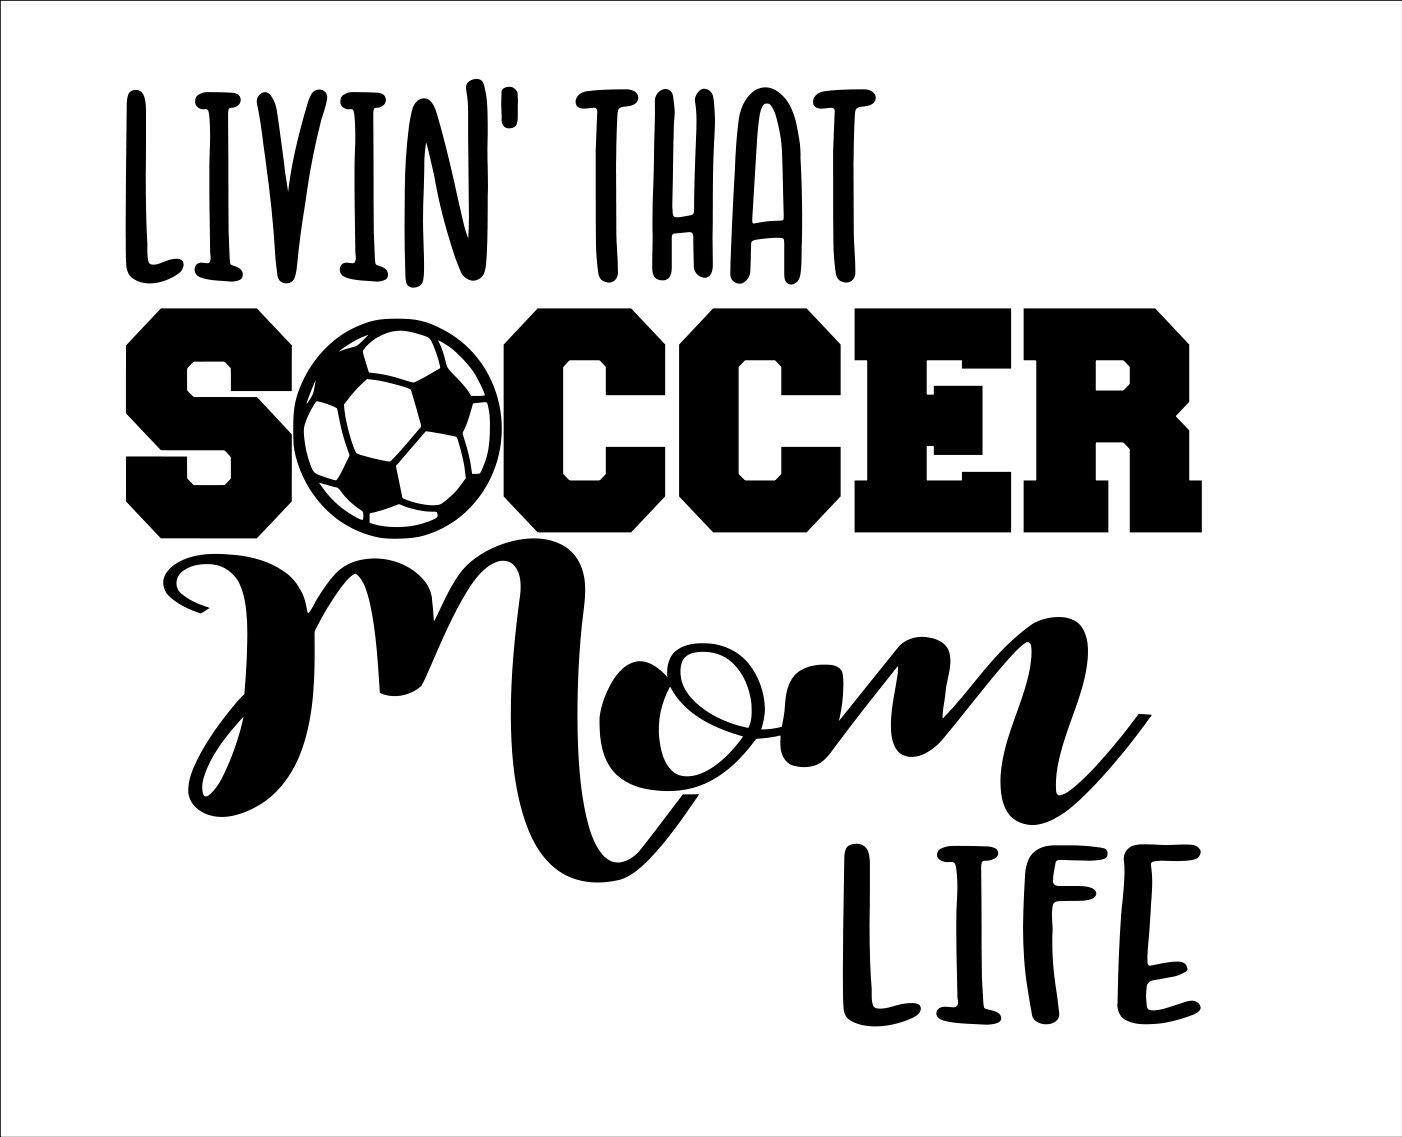 88a7efc93c2 Soccer Mom Shirt Decal | Splendid Wedding Company